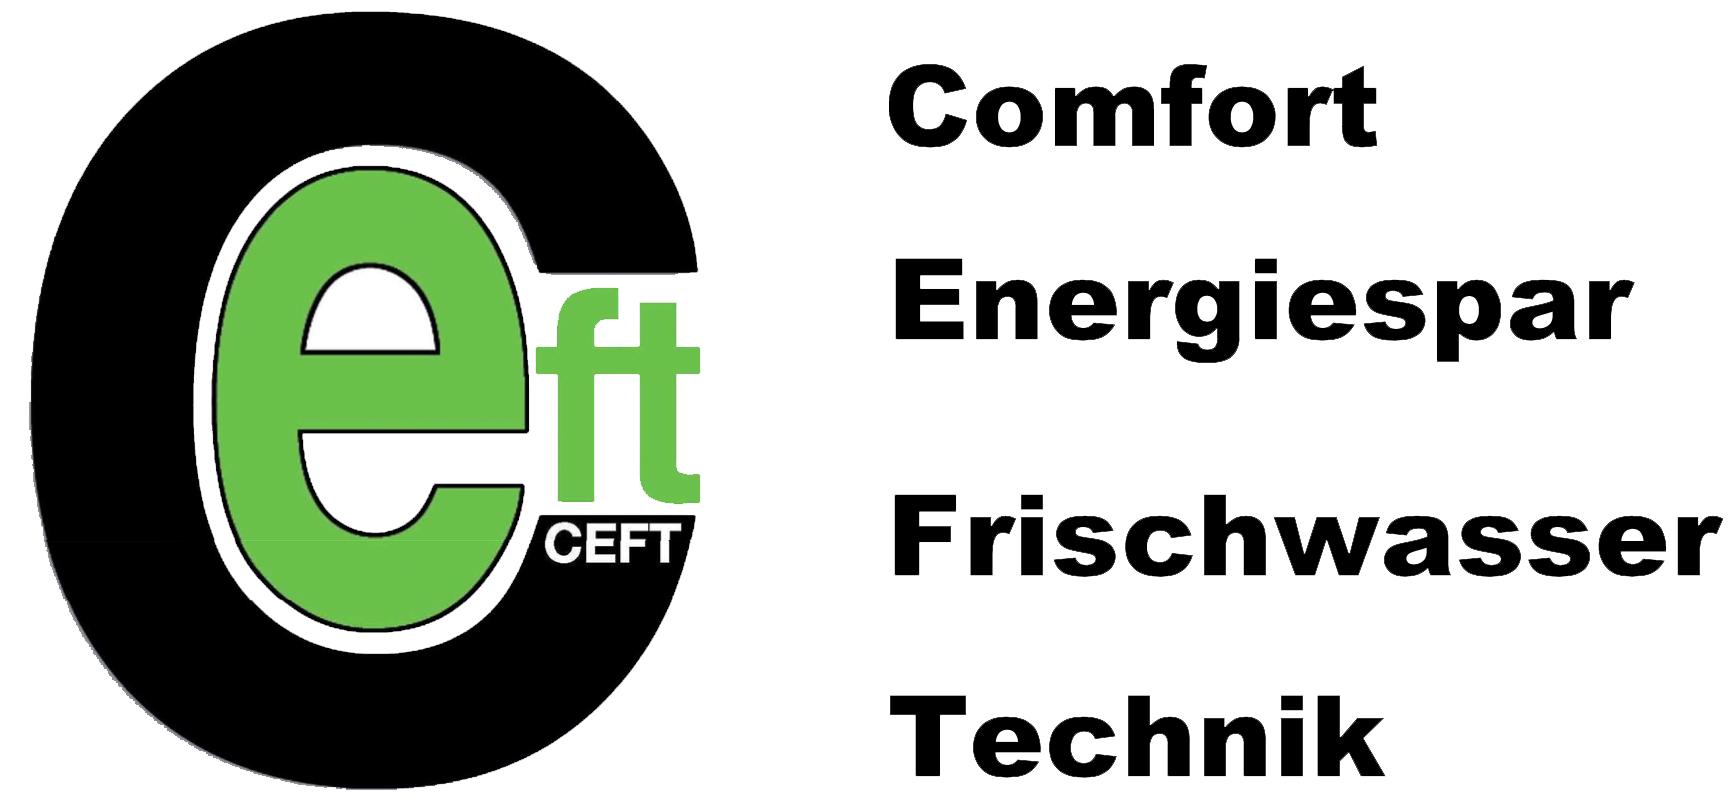 CEFT Frischwassermodule und Wohnungsstationen Österreich | CEFT-Energietechnik aus Linz Comfort Energiespar Frischwasser Technik Wasserbereitung Wohnungsstation Pufferspeicher Wartungsfrei DHK GHK WW Frischwasserstation